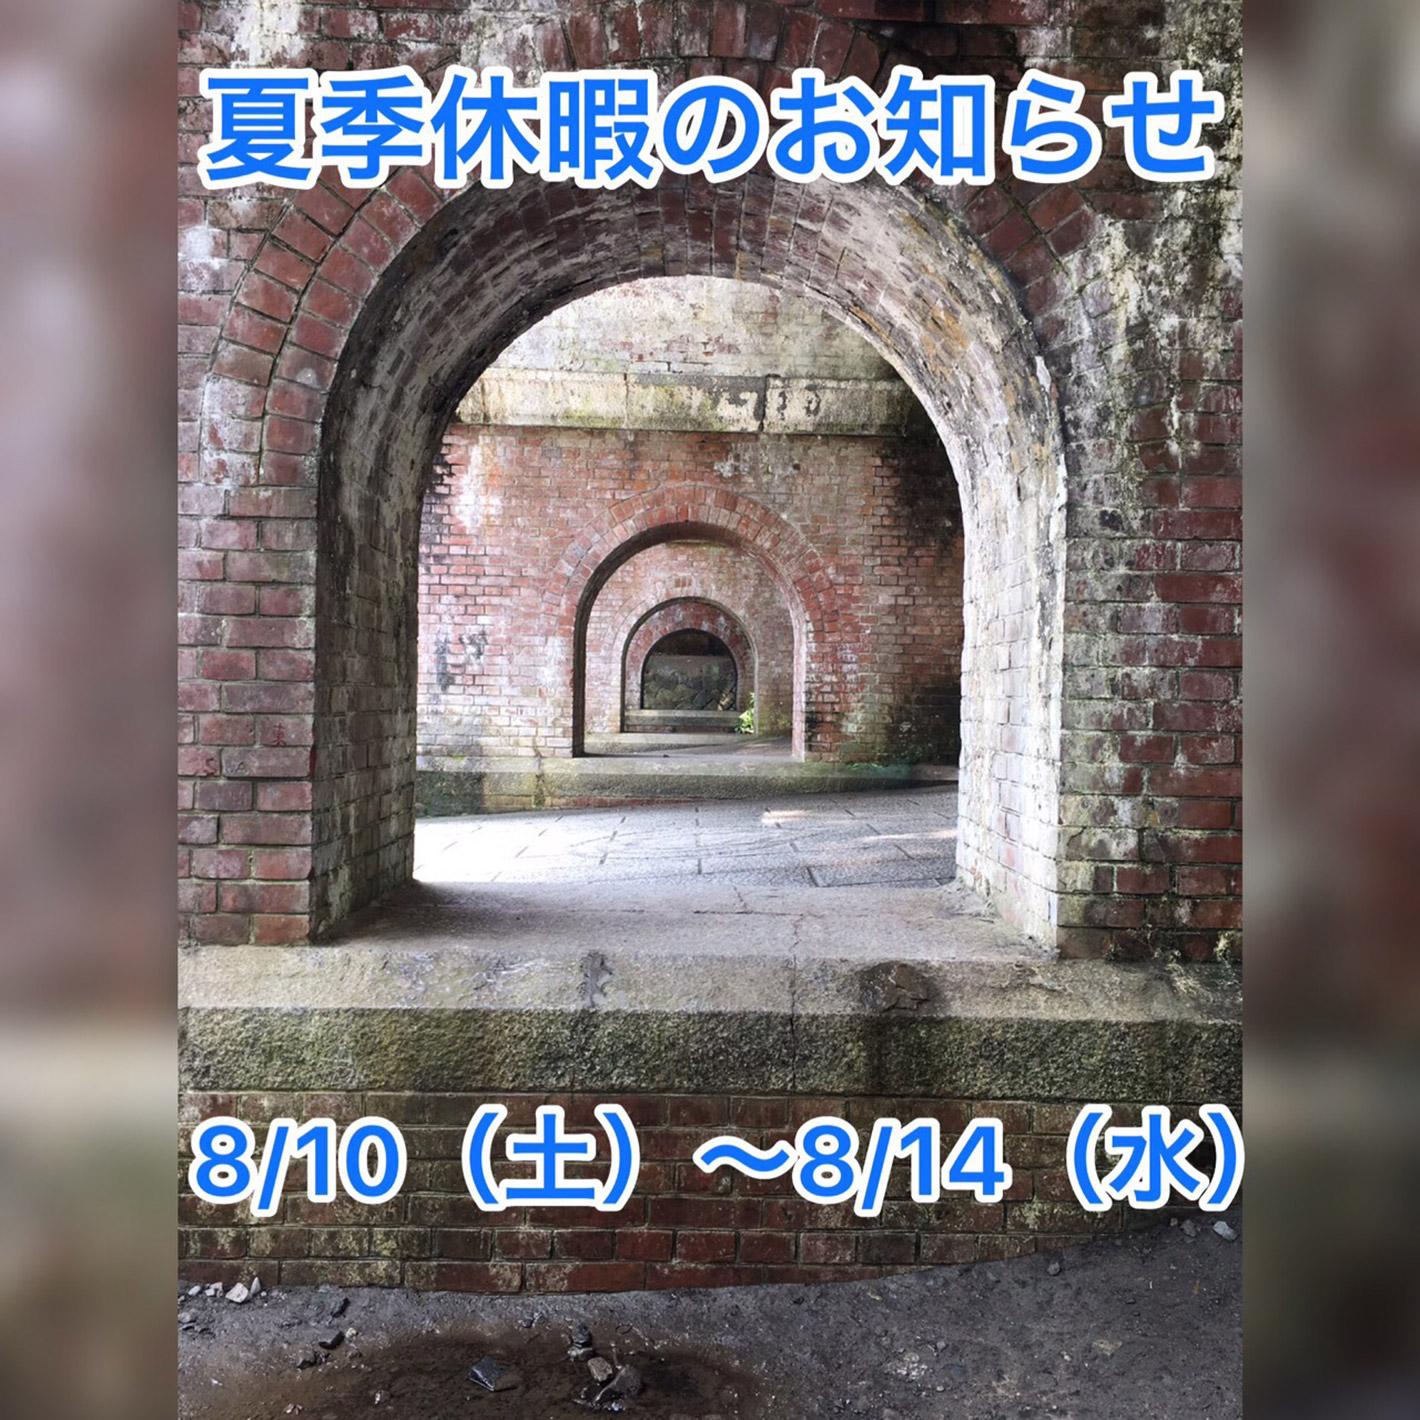 夏季休暇 2019年8月10日(土) 〜 8月14日(水)